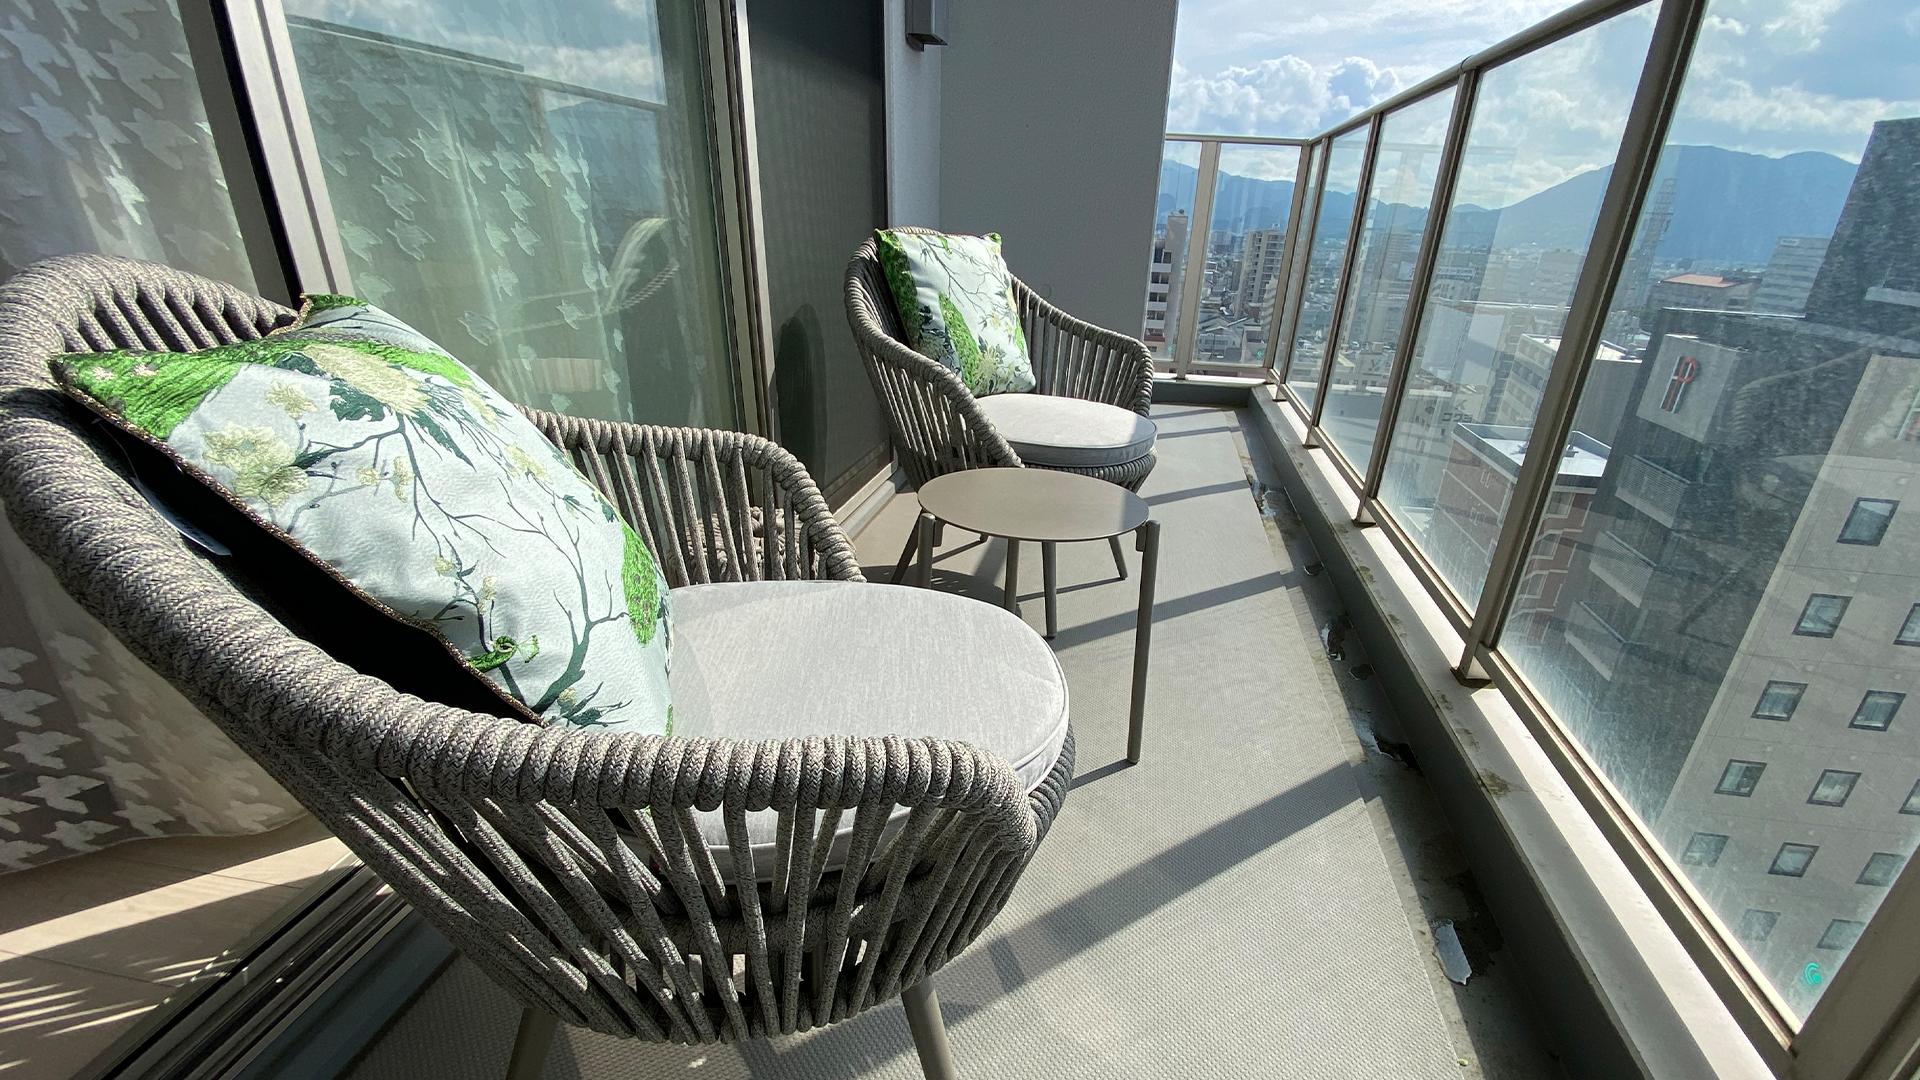 静岡県駿河区のお宅。屋外用として使用可能な椅子の画像。